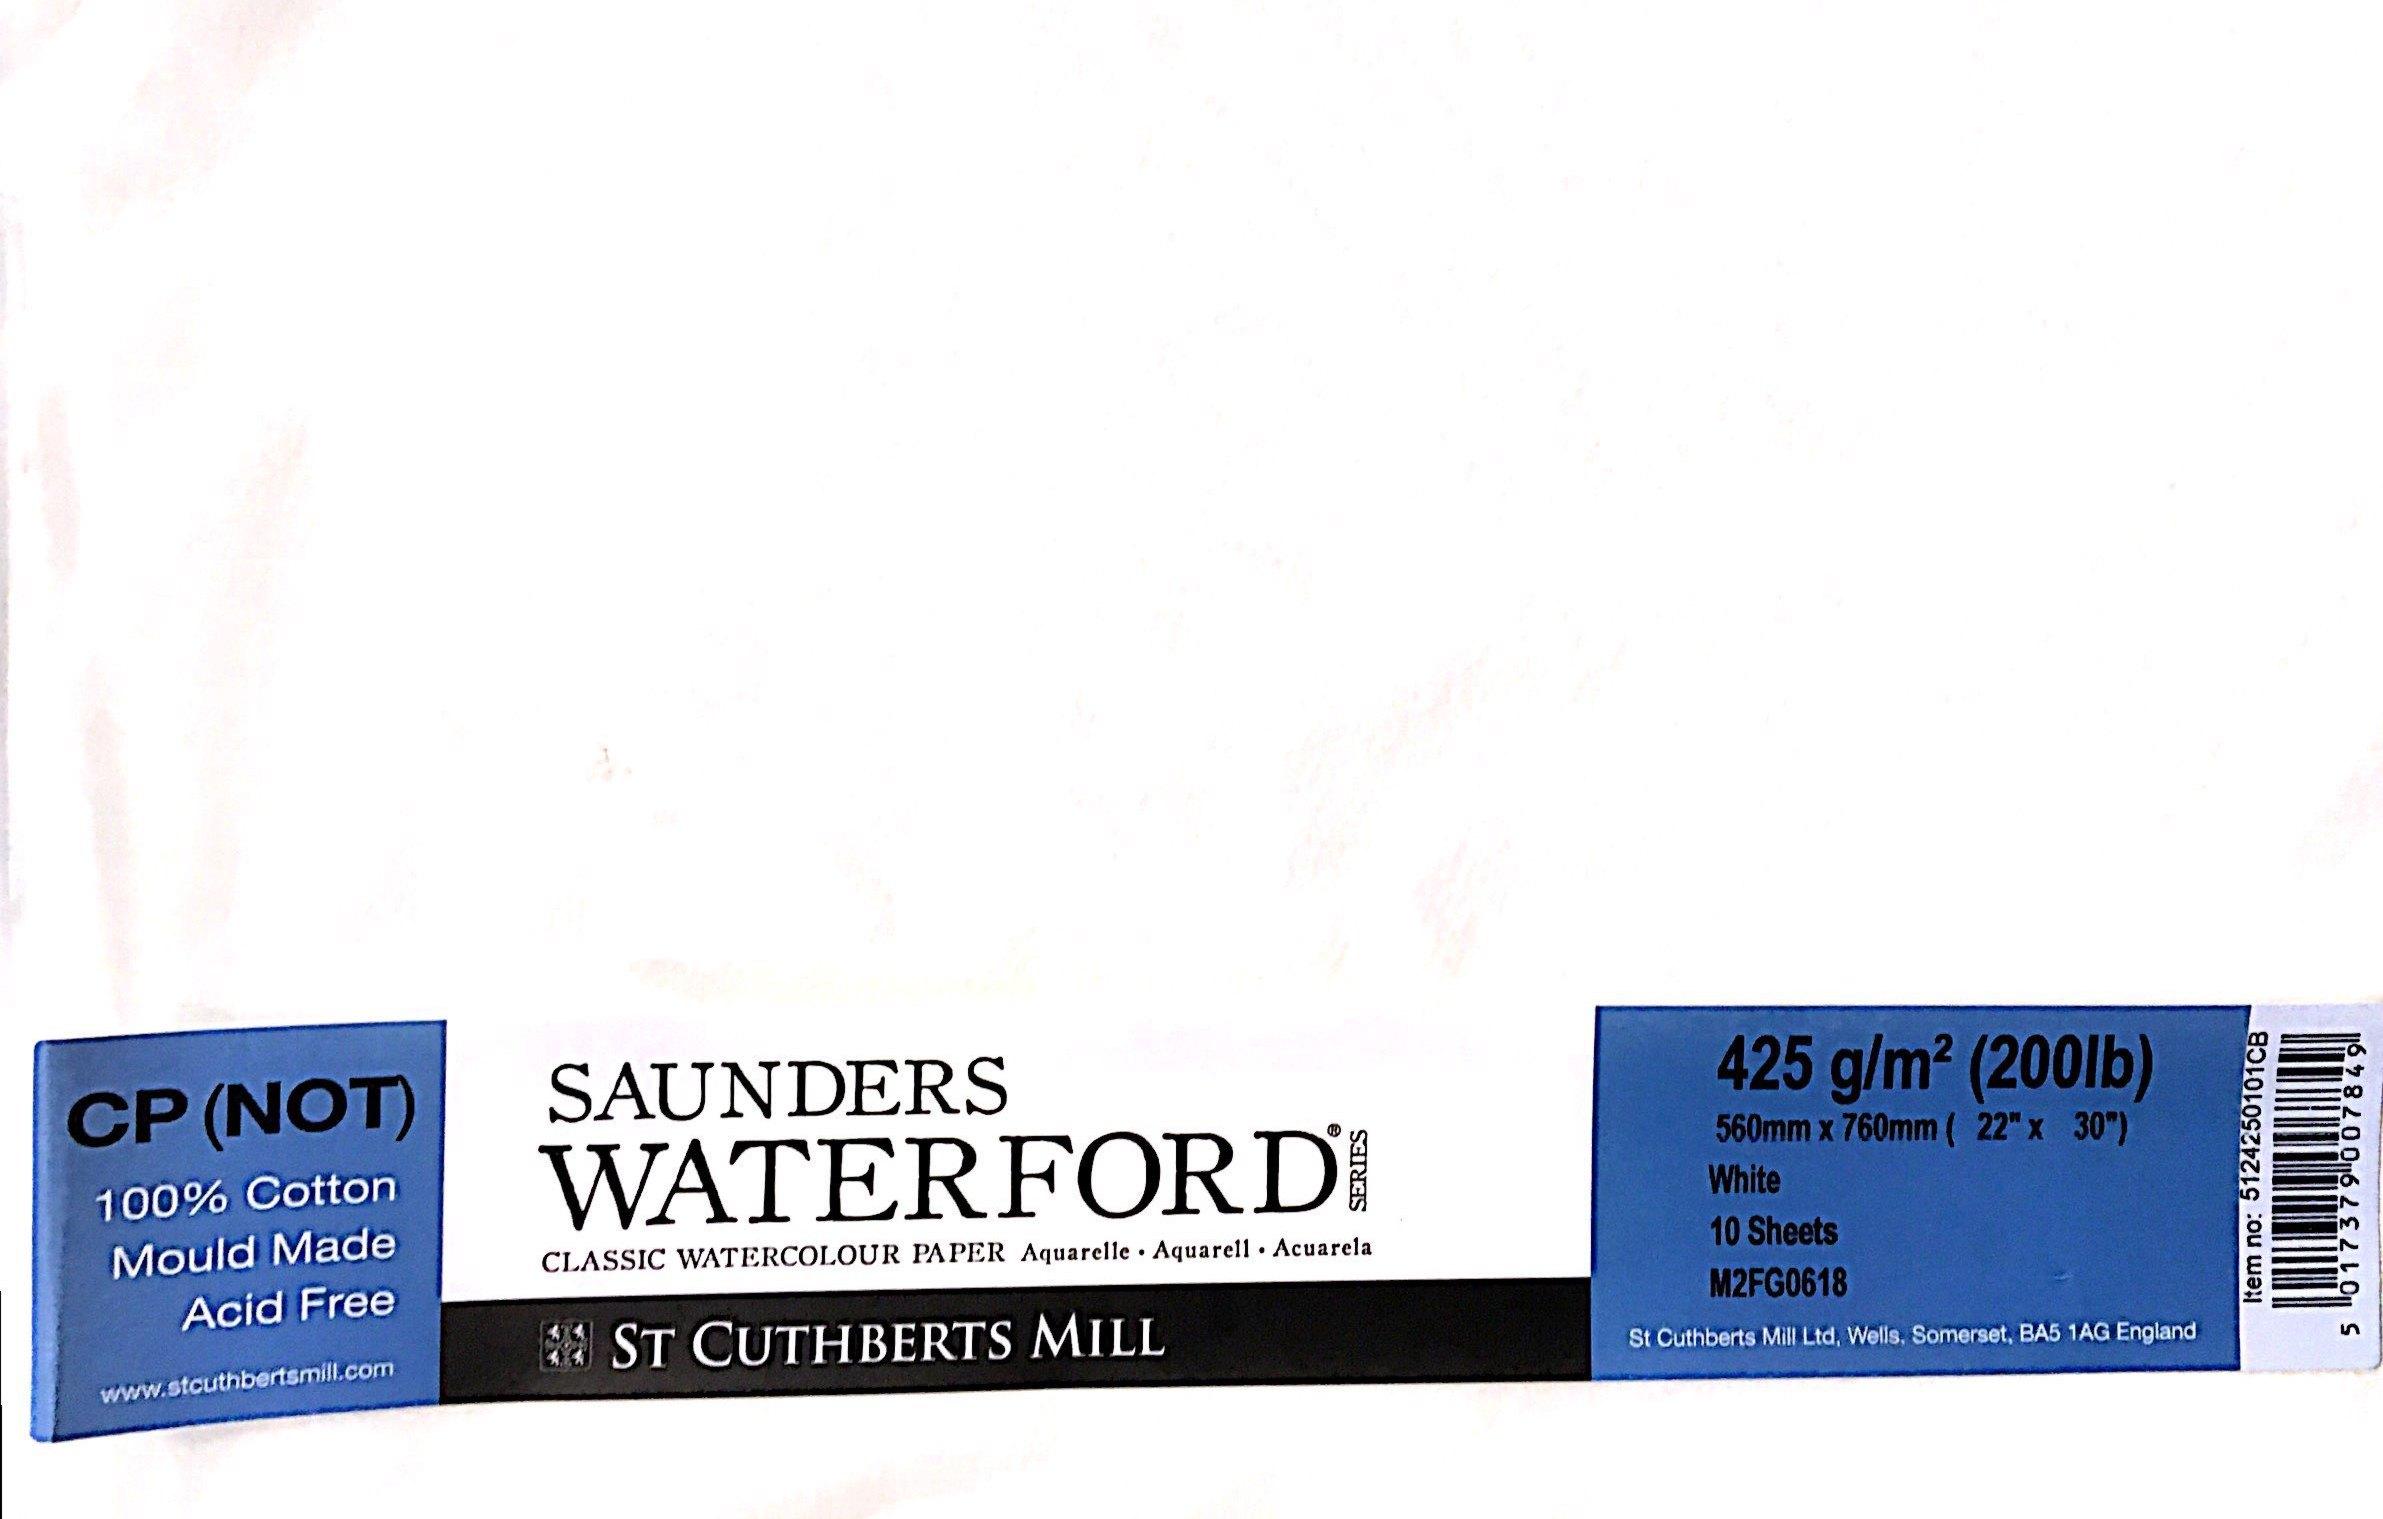 SAUNDERS WATERWORD COLD PRES 425G 56*76 10 LU